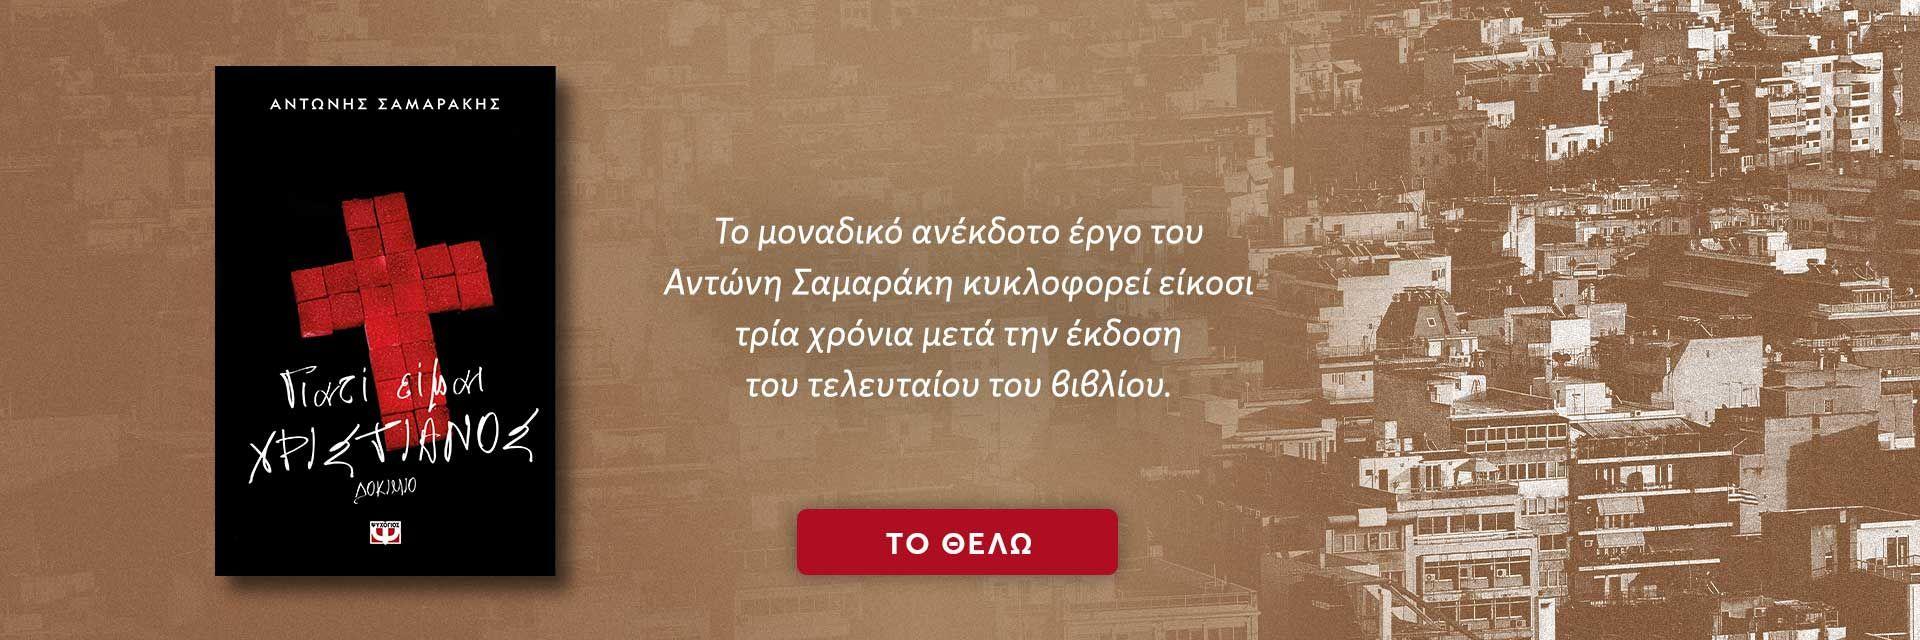 ΓΙΑΤΙ ΕΙΜΑΙ ΧΡΙΣΤΙΑΝΟΣ